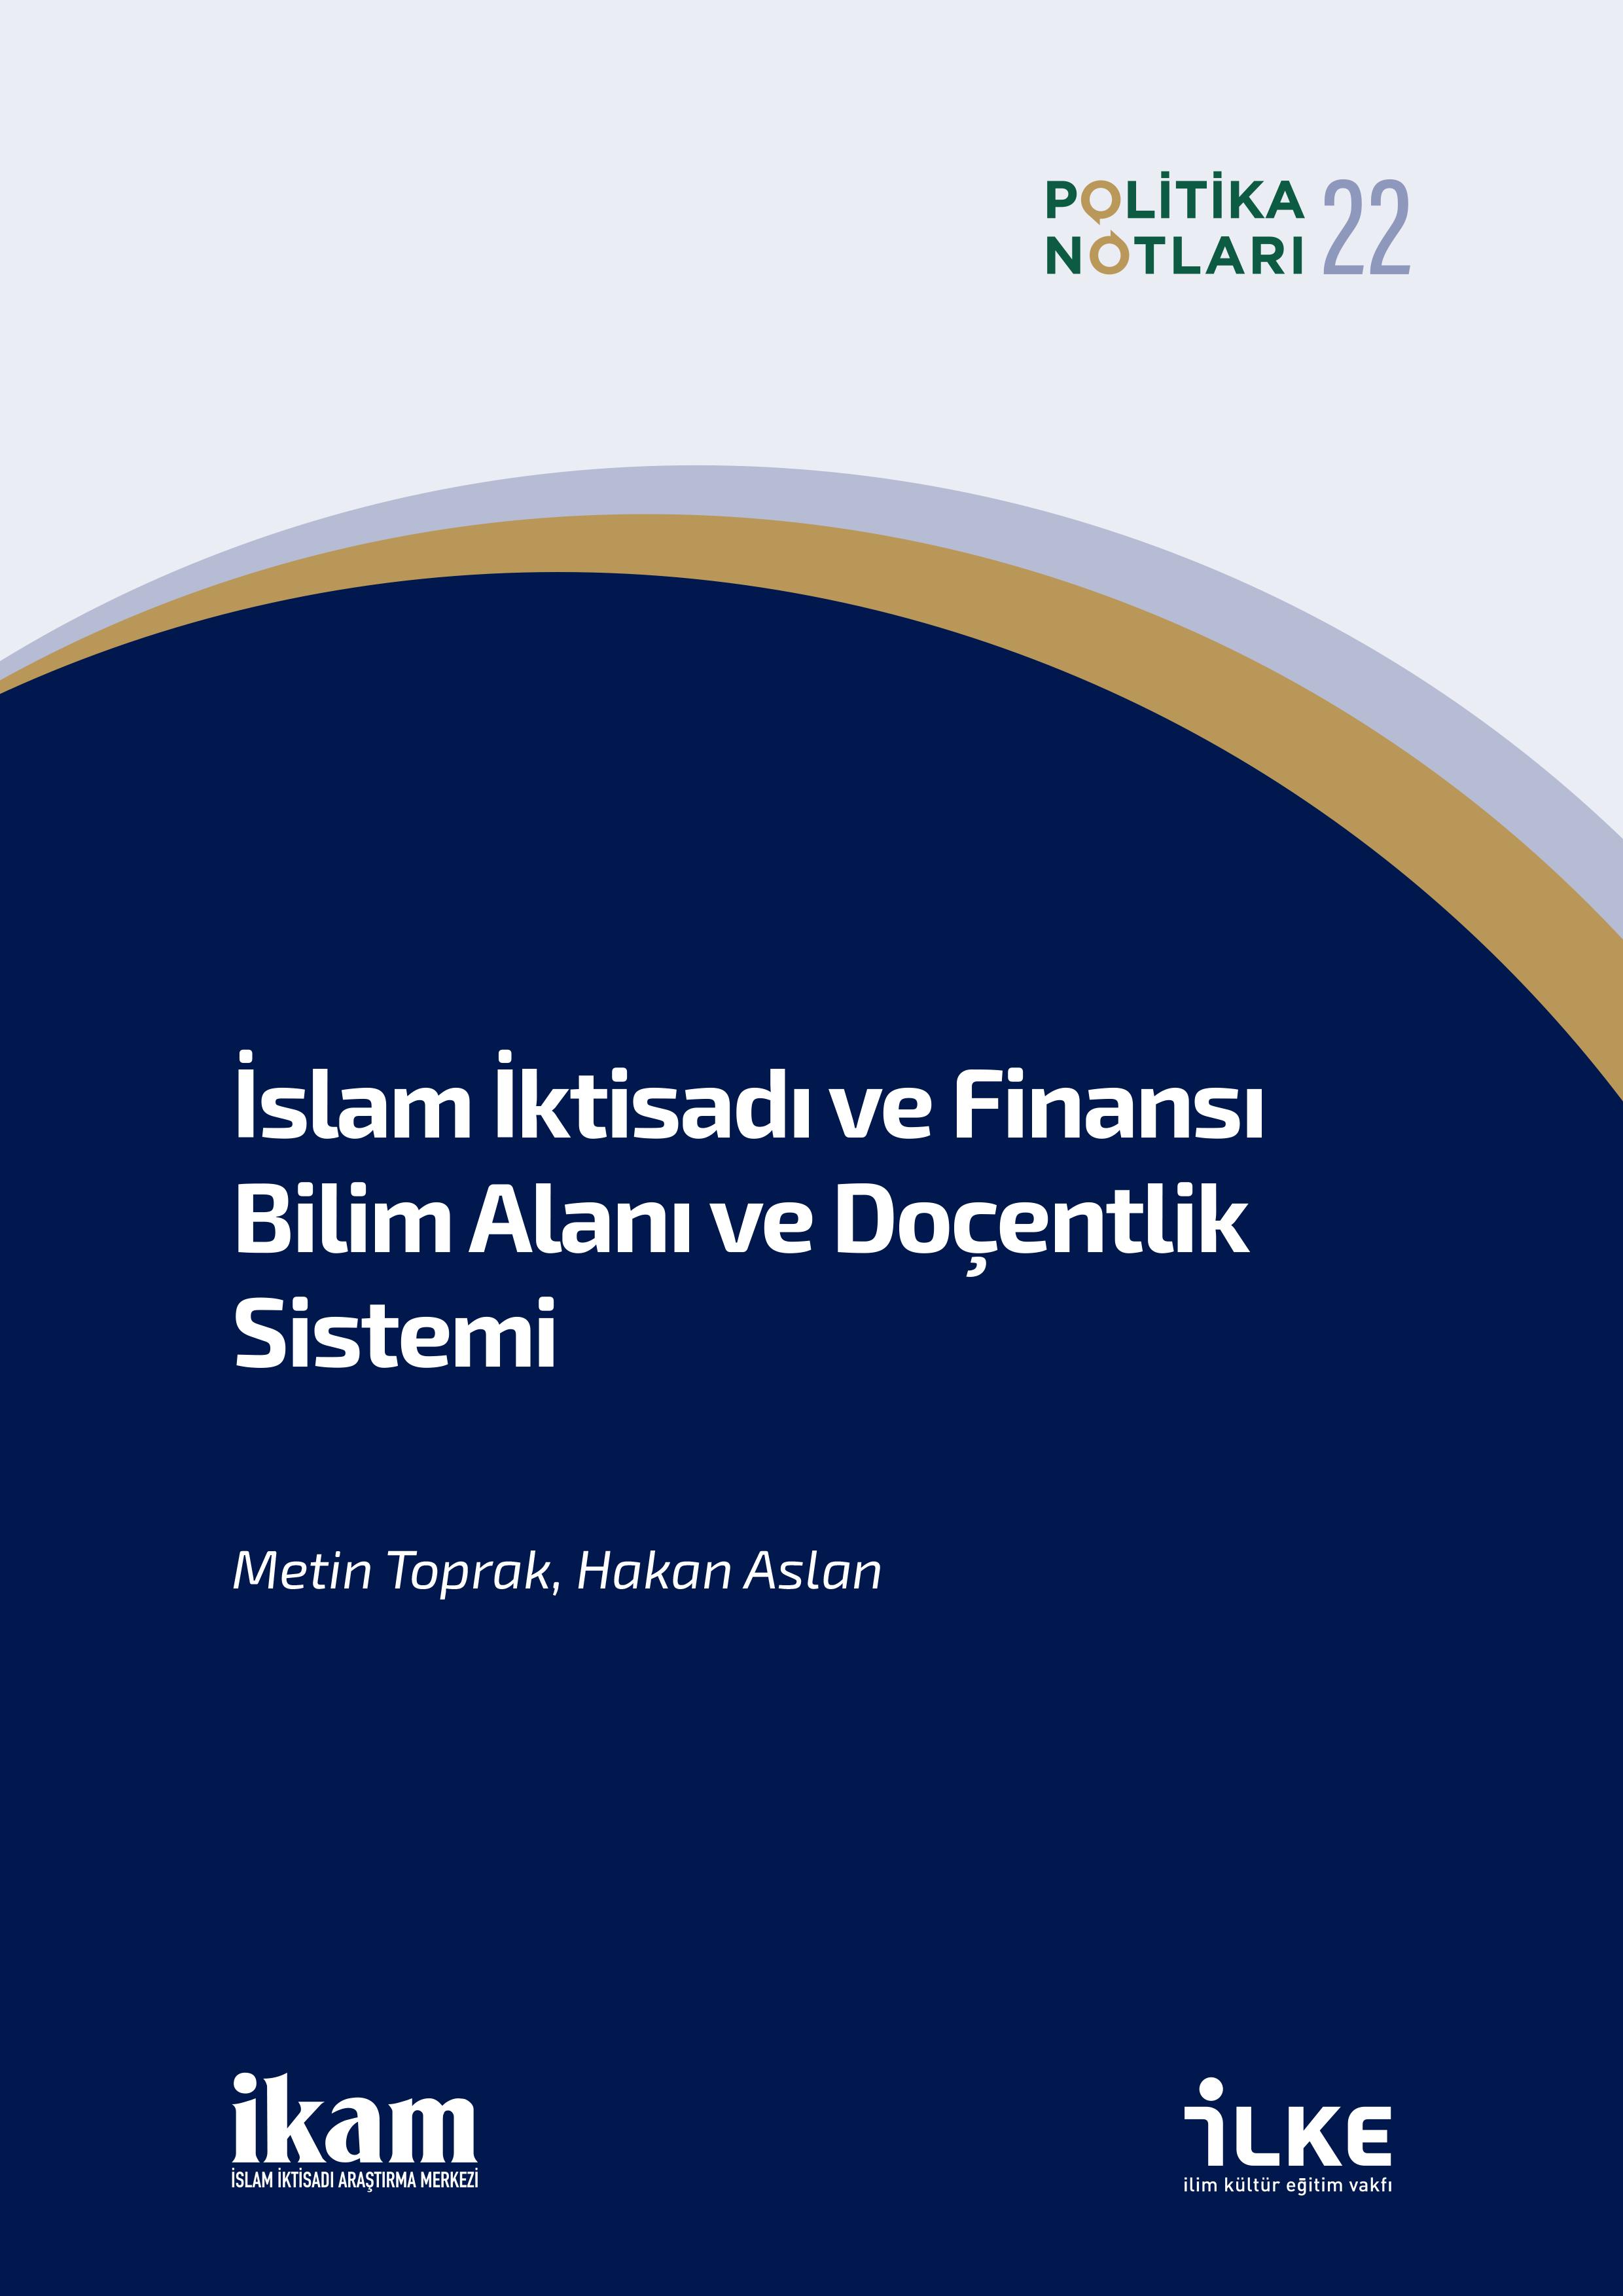 İslam İktisadı ve Finansı Bilim Alanı ve Doçentlik Sistemi